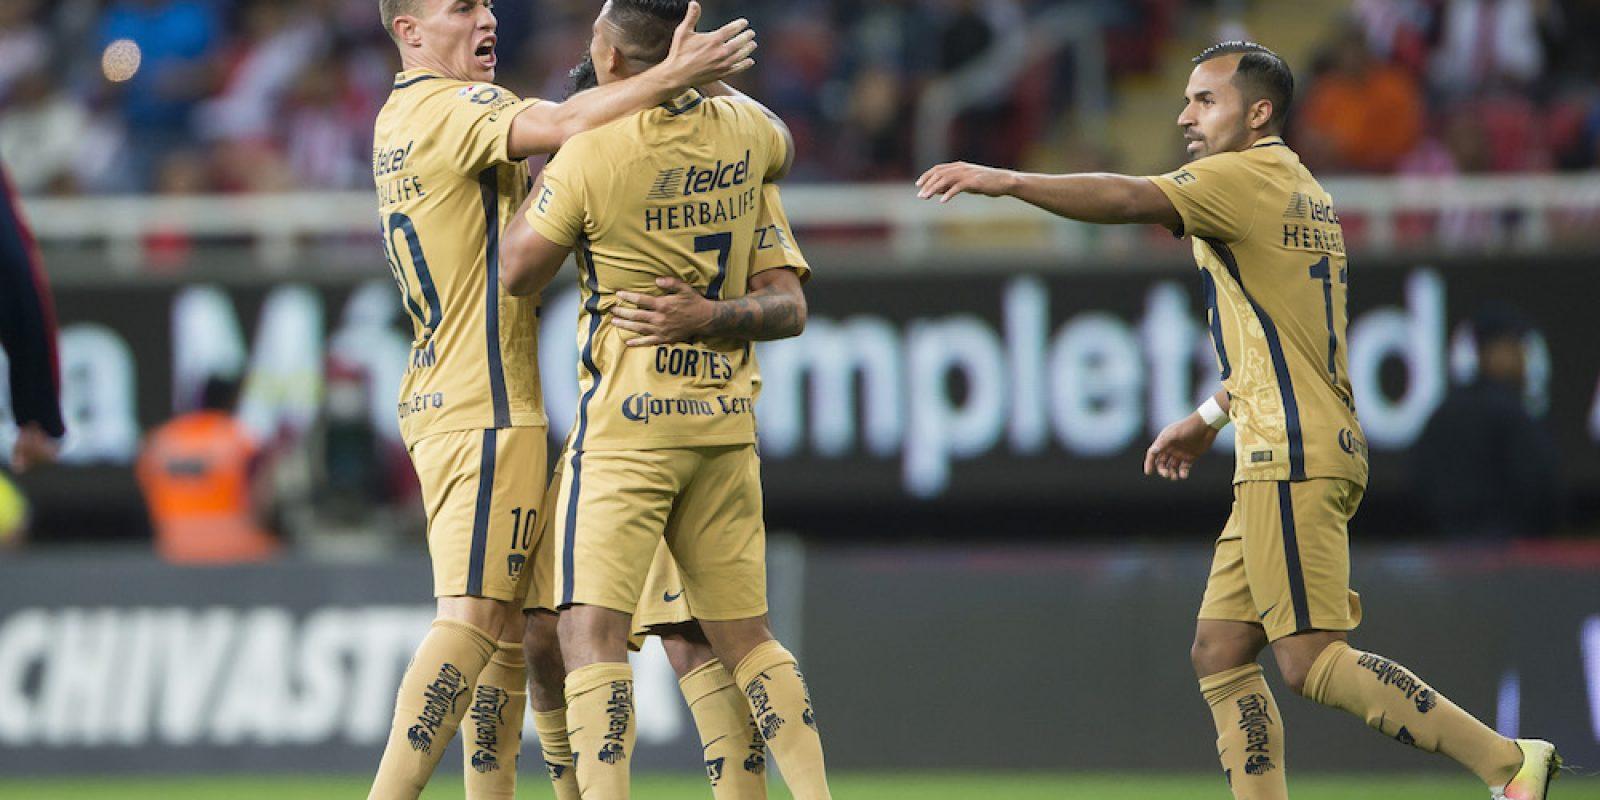 © MEXSPORT. Imagen Por: Chivas vence a Pumas en su presentación del Clausura 2017. / Mexsport